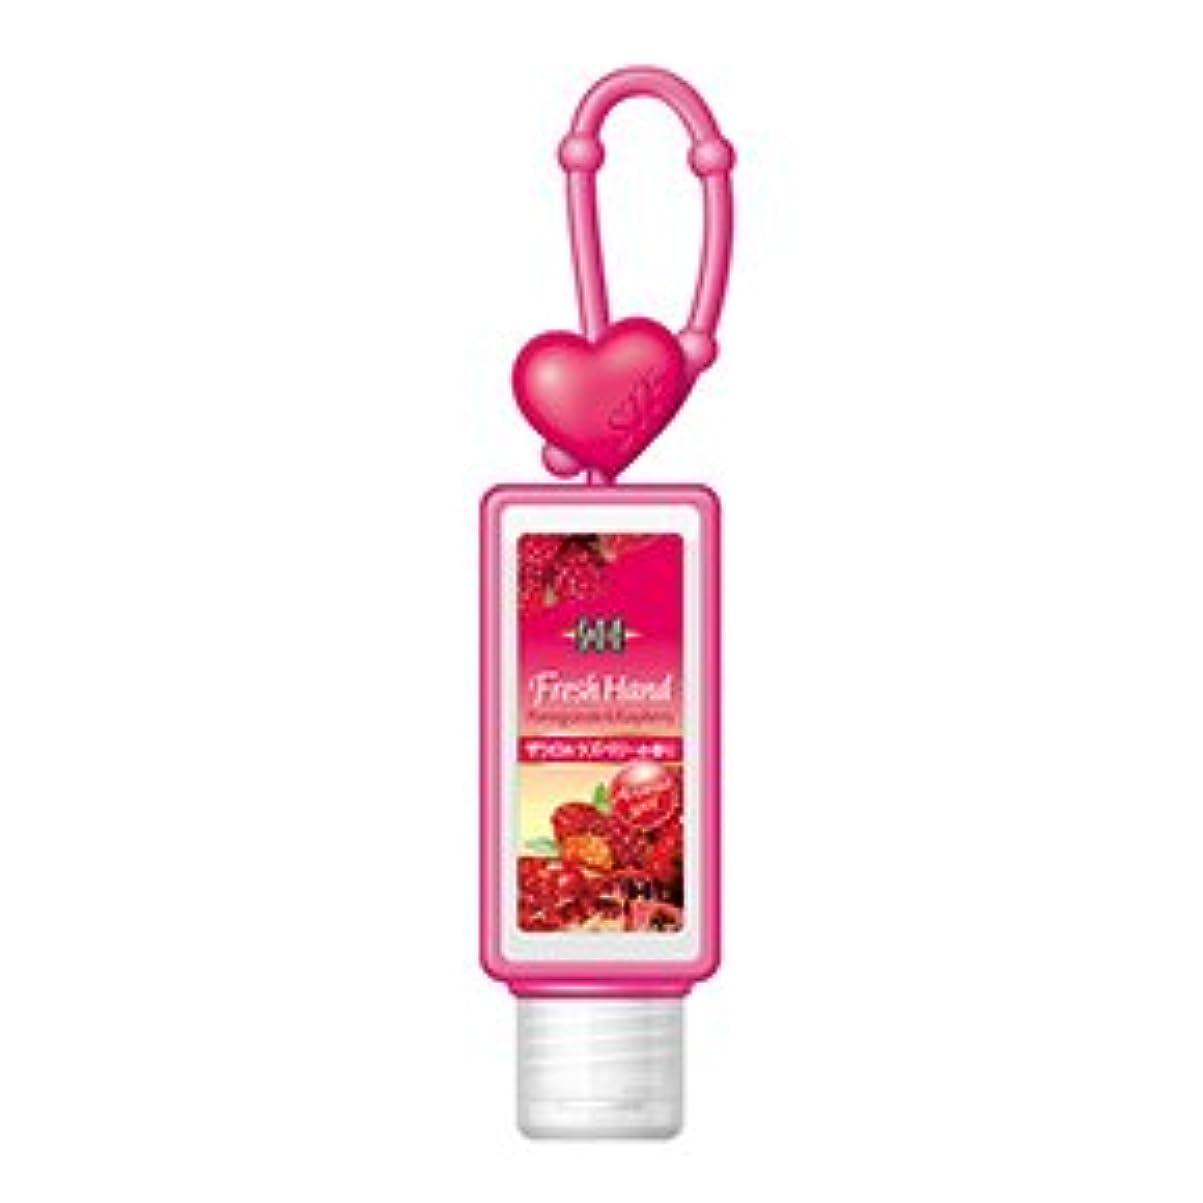 遺伝的植物学者印刷するSTF フレッシュハンド ザクロ&ラズベリーの香り 30ml